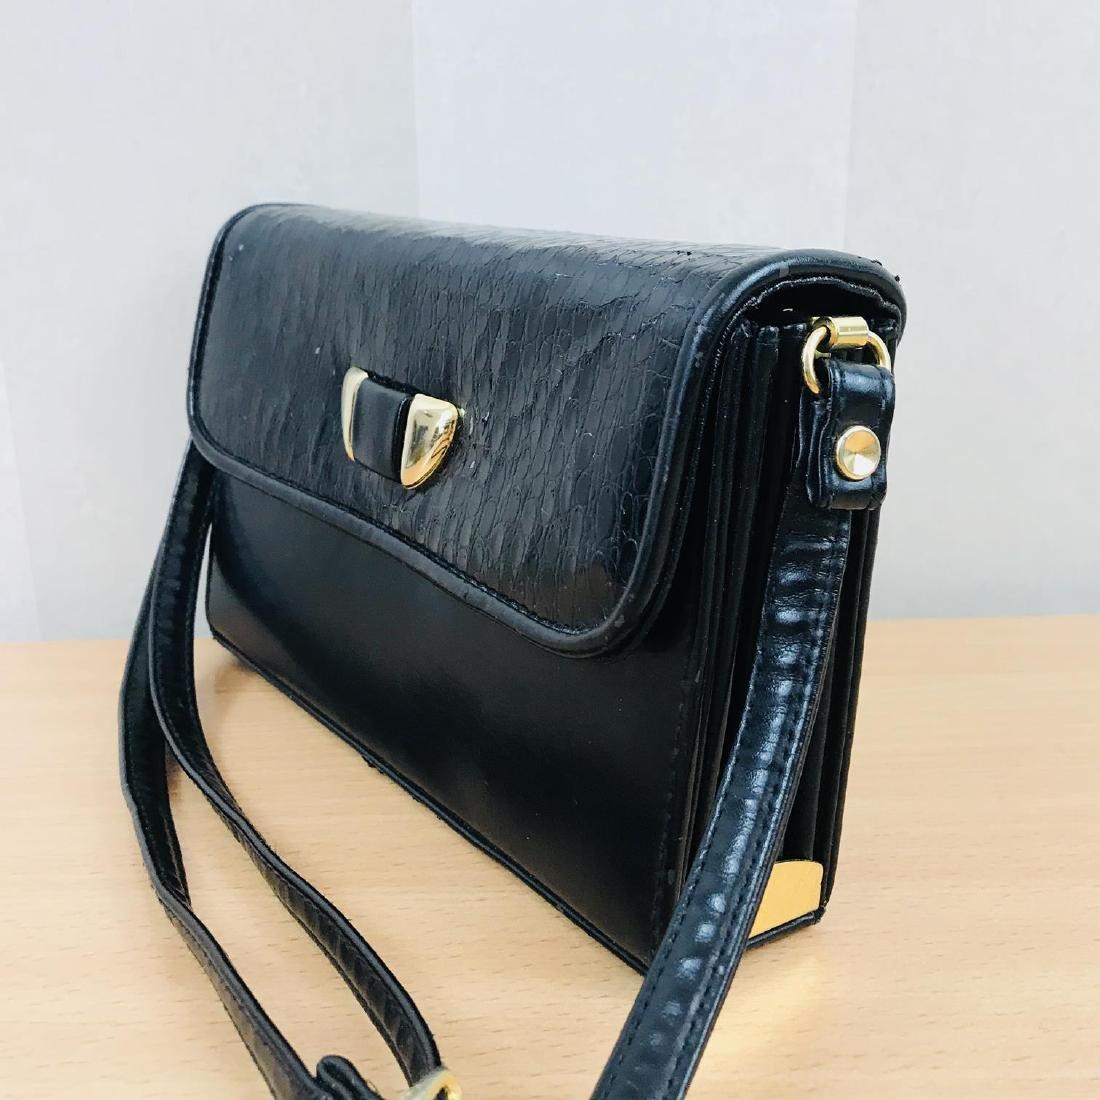 Vintage Handmade Genuine Snake Skin Leather Clutch Bag - 4